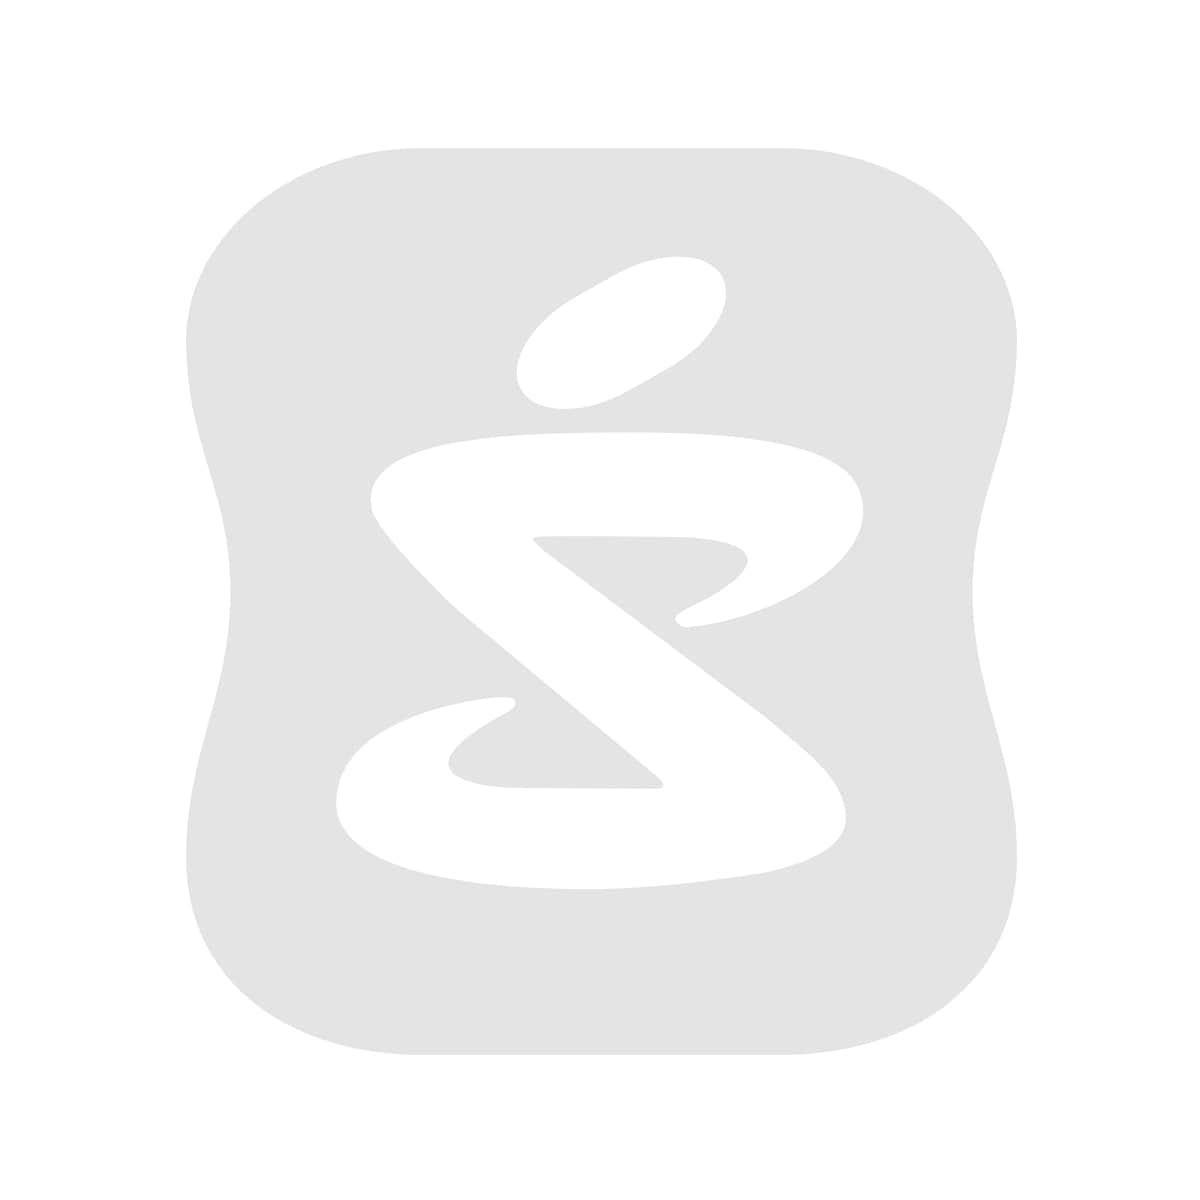 Sterolea